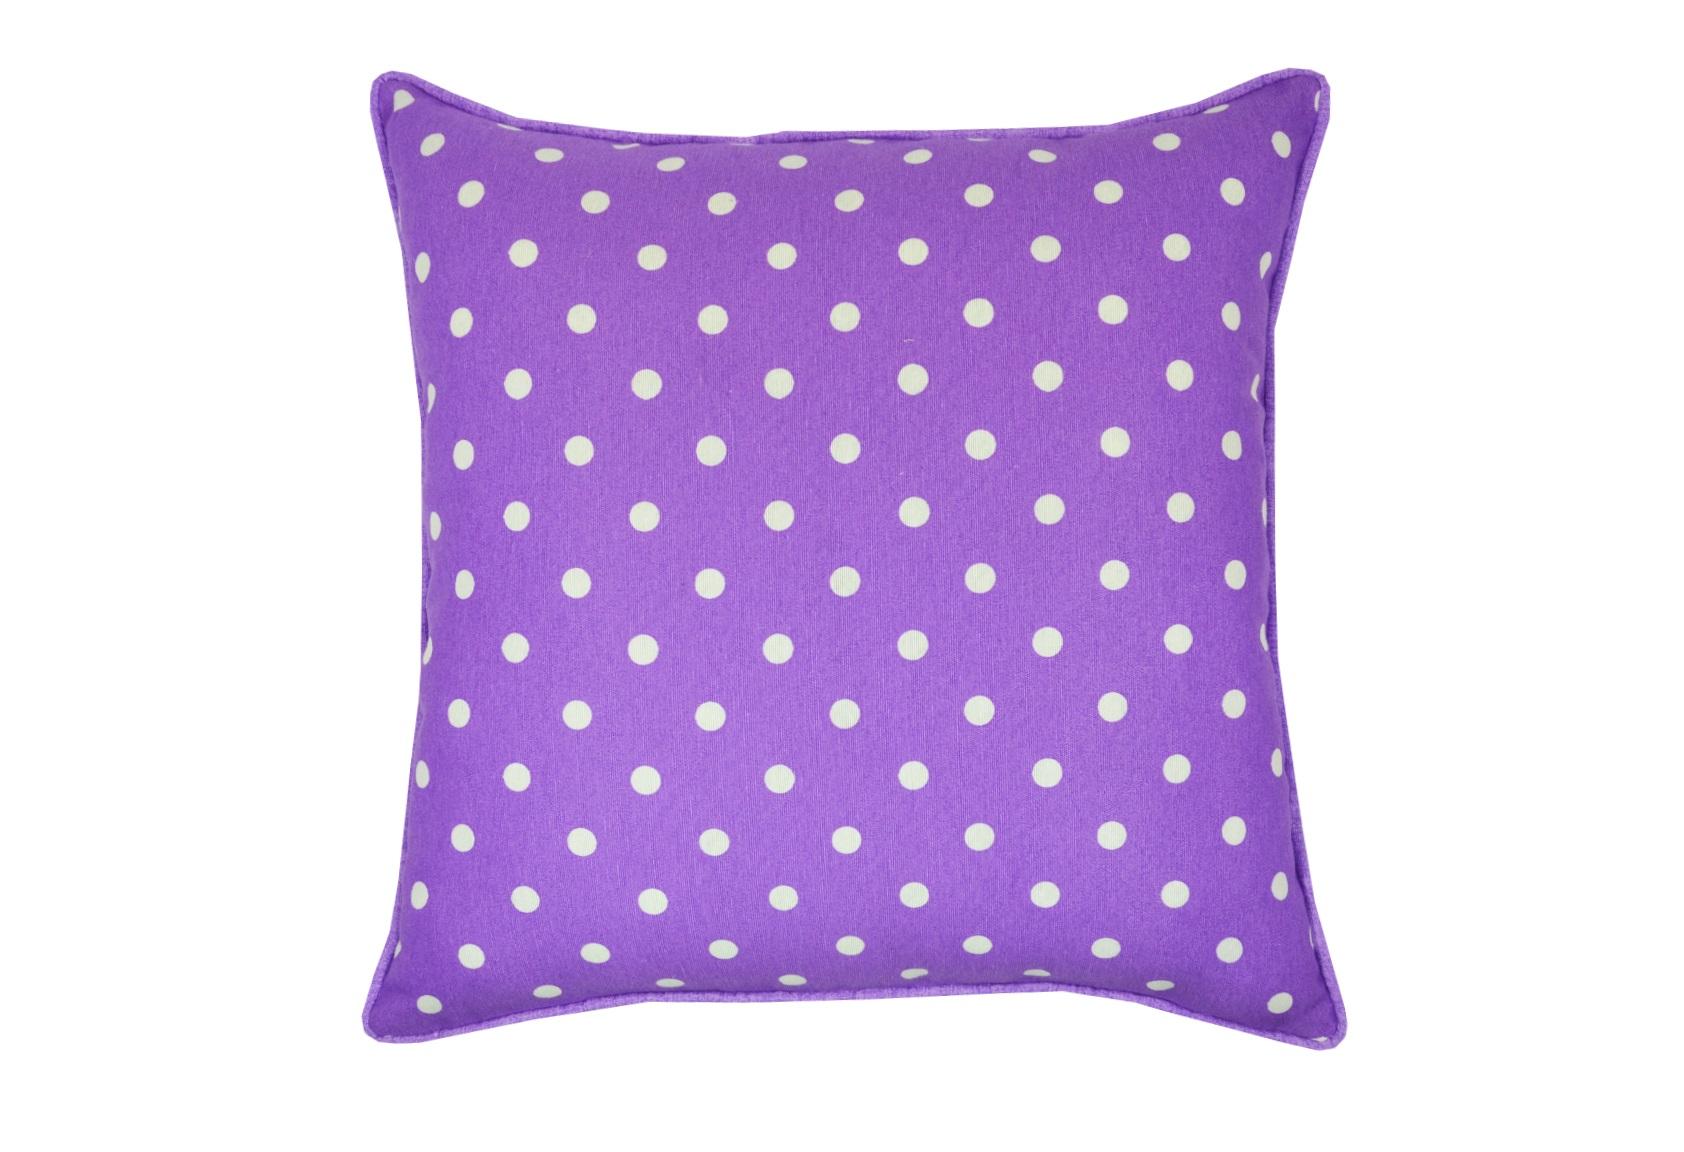 Подушка Monserat кантКвадратные подушки и наволочки<br>Декоративная  подушка .Чехол съемный.<br><br>Material: Хлопок<br>Ширина см: 45<br>Высота см: 45<br>Глубина см: 15